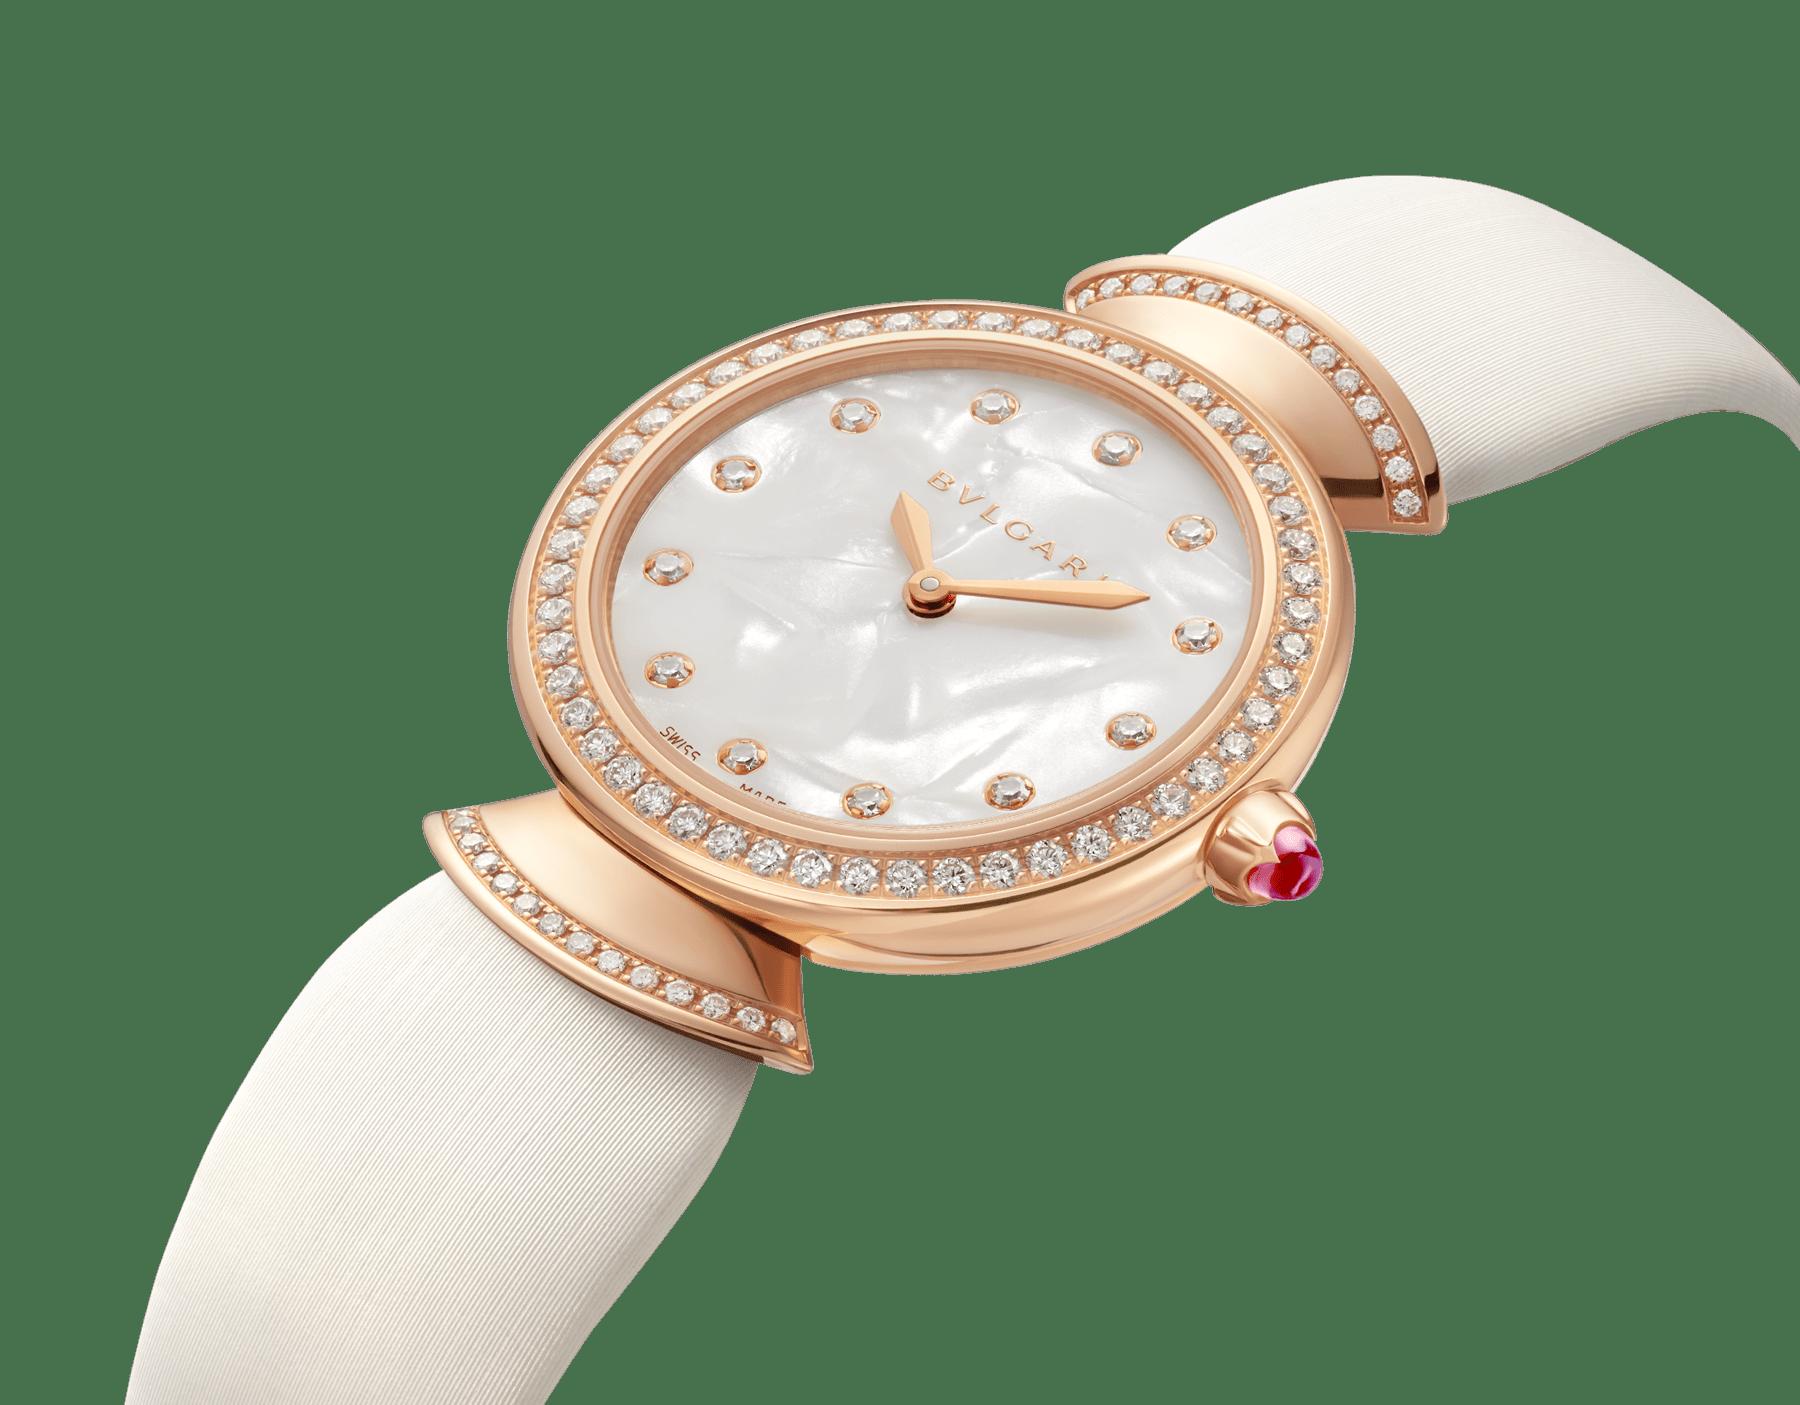 DIVAS' DREAM 腕錶,18K 玫瑰金錶殼鑲飾明亮型切割鑽石。天然醋酸纖維錶盤,鑽石時標,白色緞面錶帶。 102433 image 2